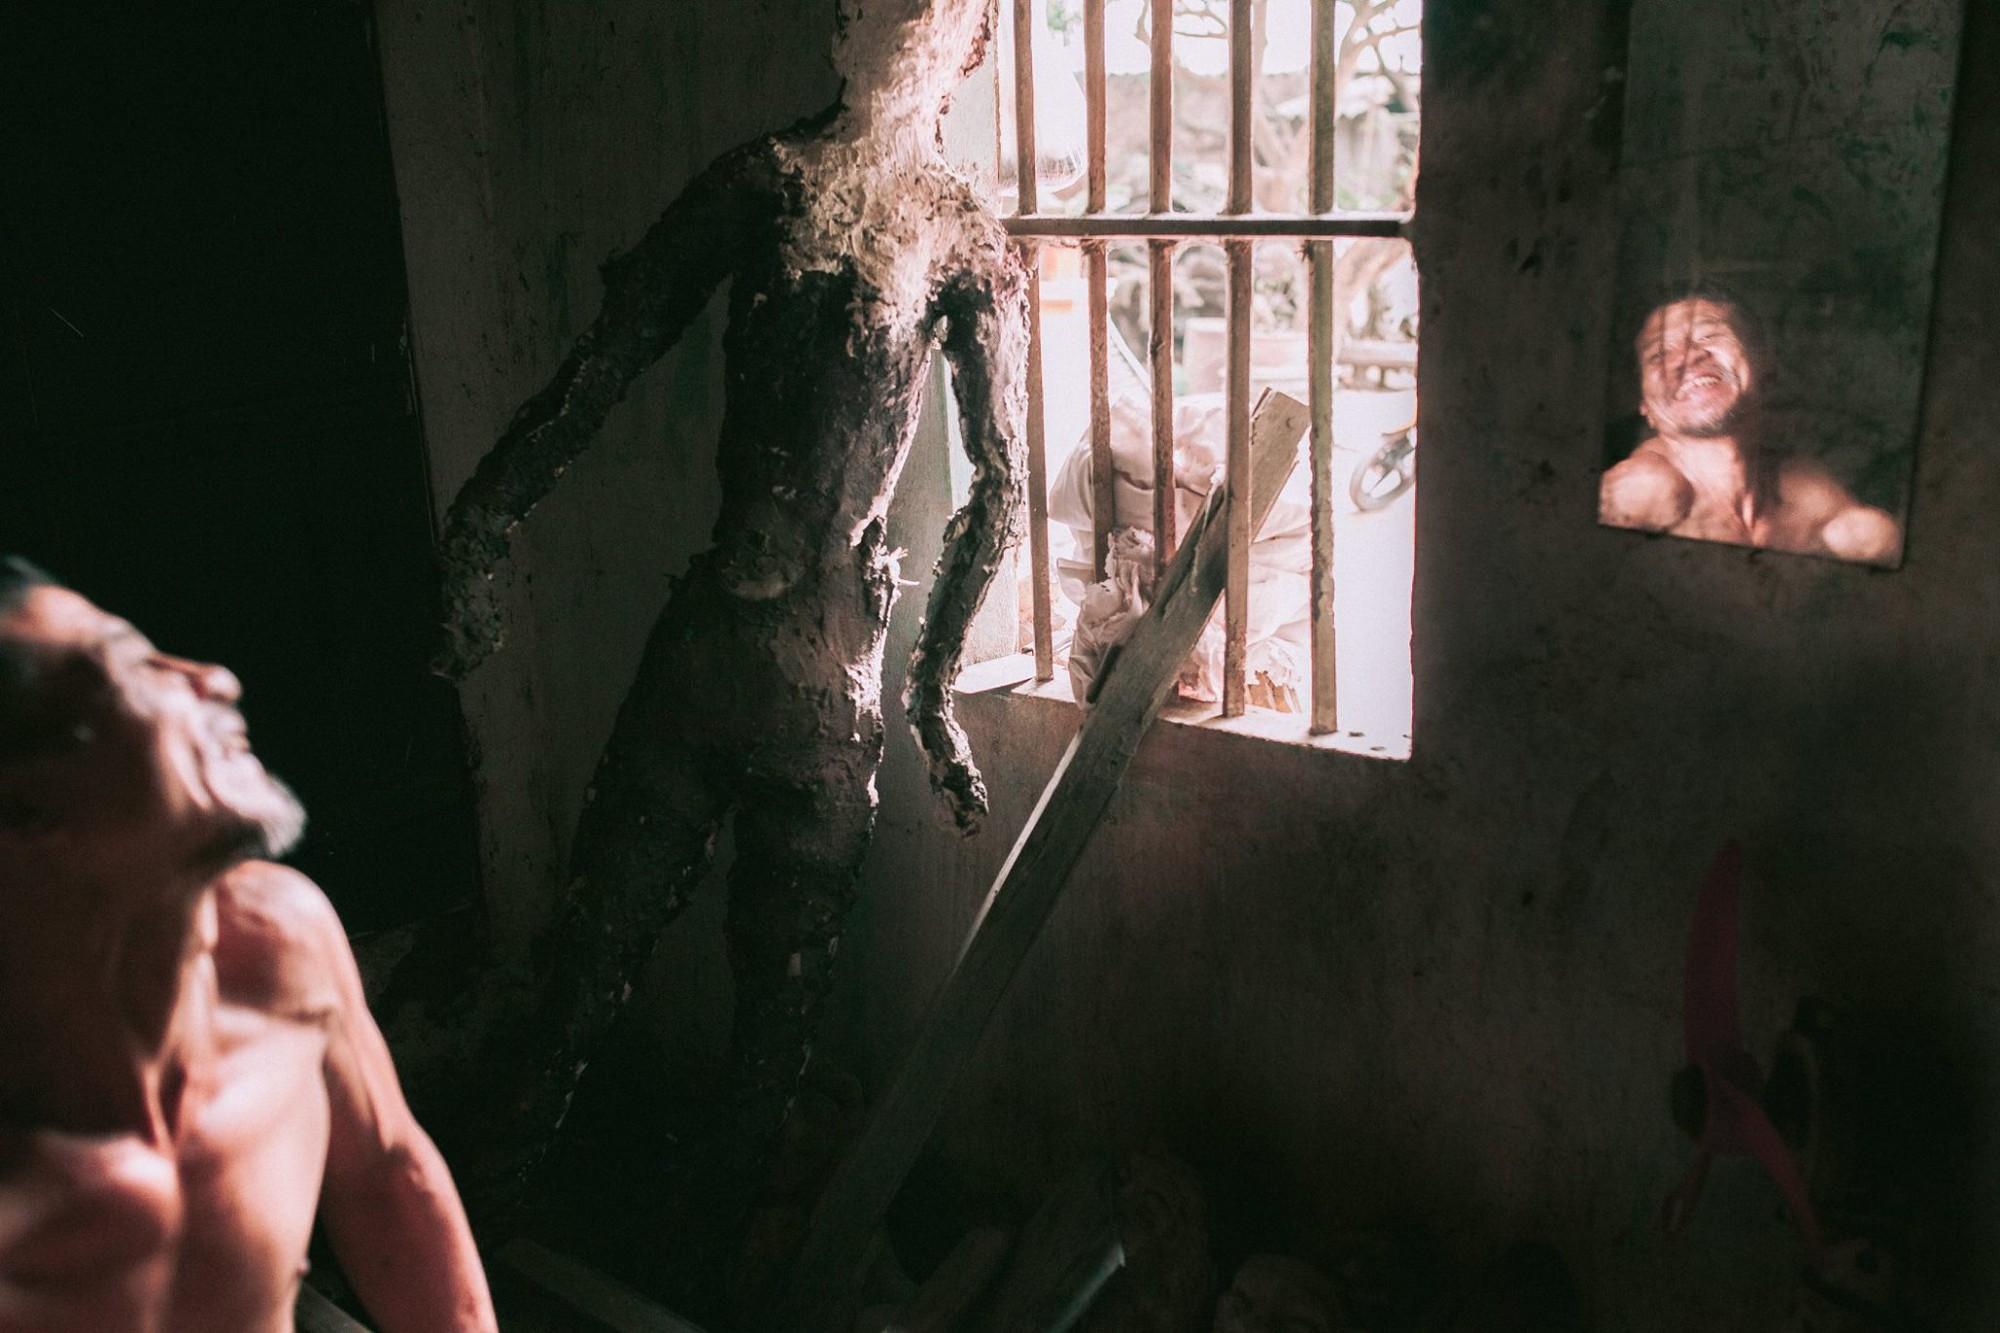 Gặp người họa sĩ cụt chân trong bộ ảnh gây sốt của nữ sinh trường SKĐA: Hóa điên sau 20 lần cất công tìm người vợ bỏ đi nhưng không thấy - Ảnh 2.